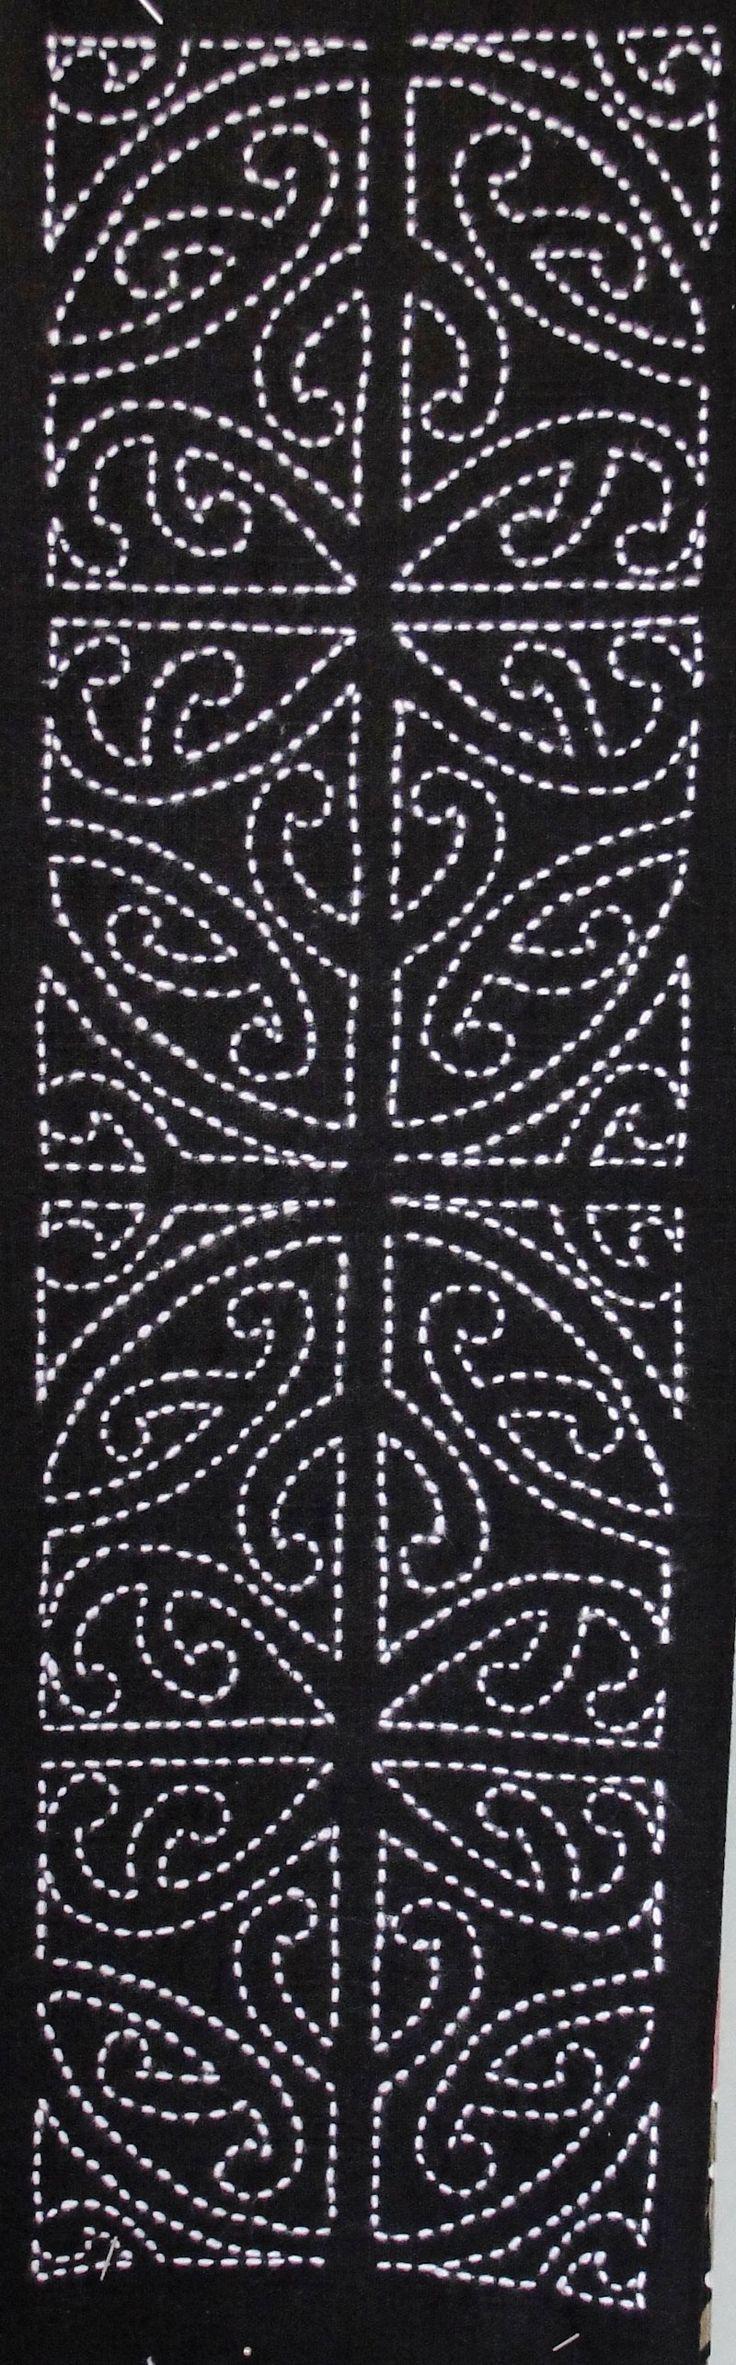 maori-design.jpg (800×2571)                                                                                                                                                     Más